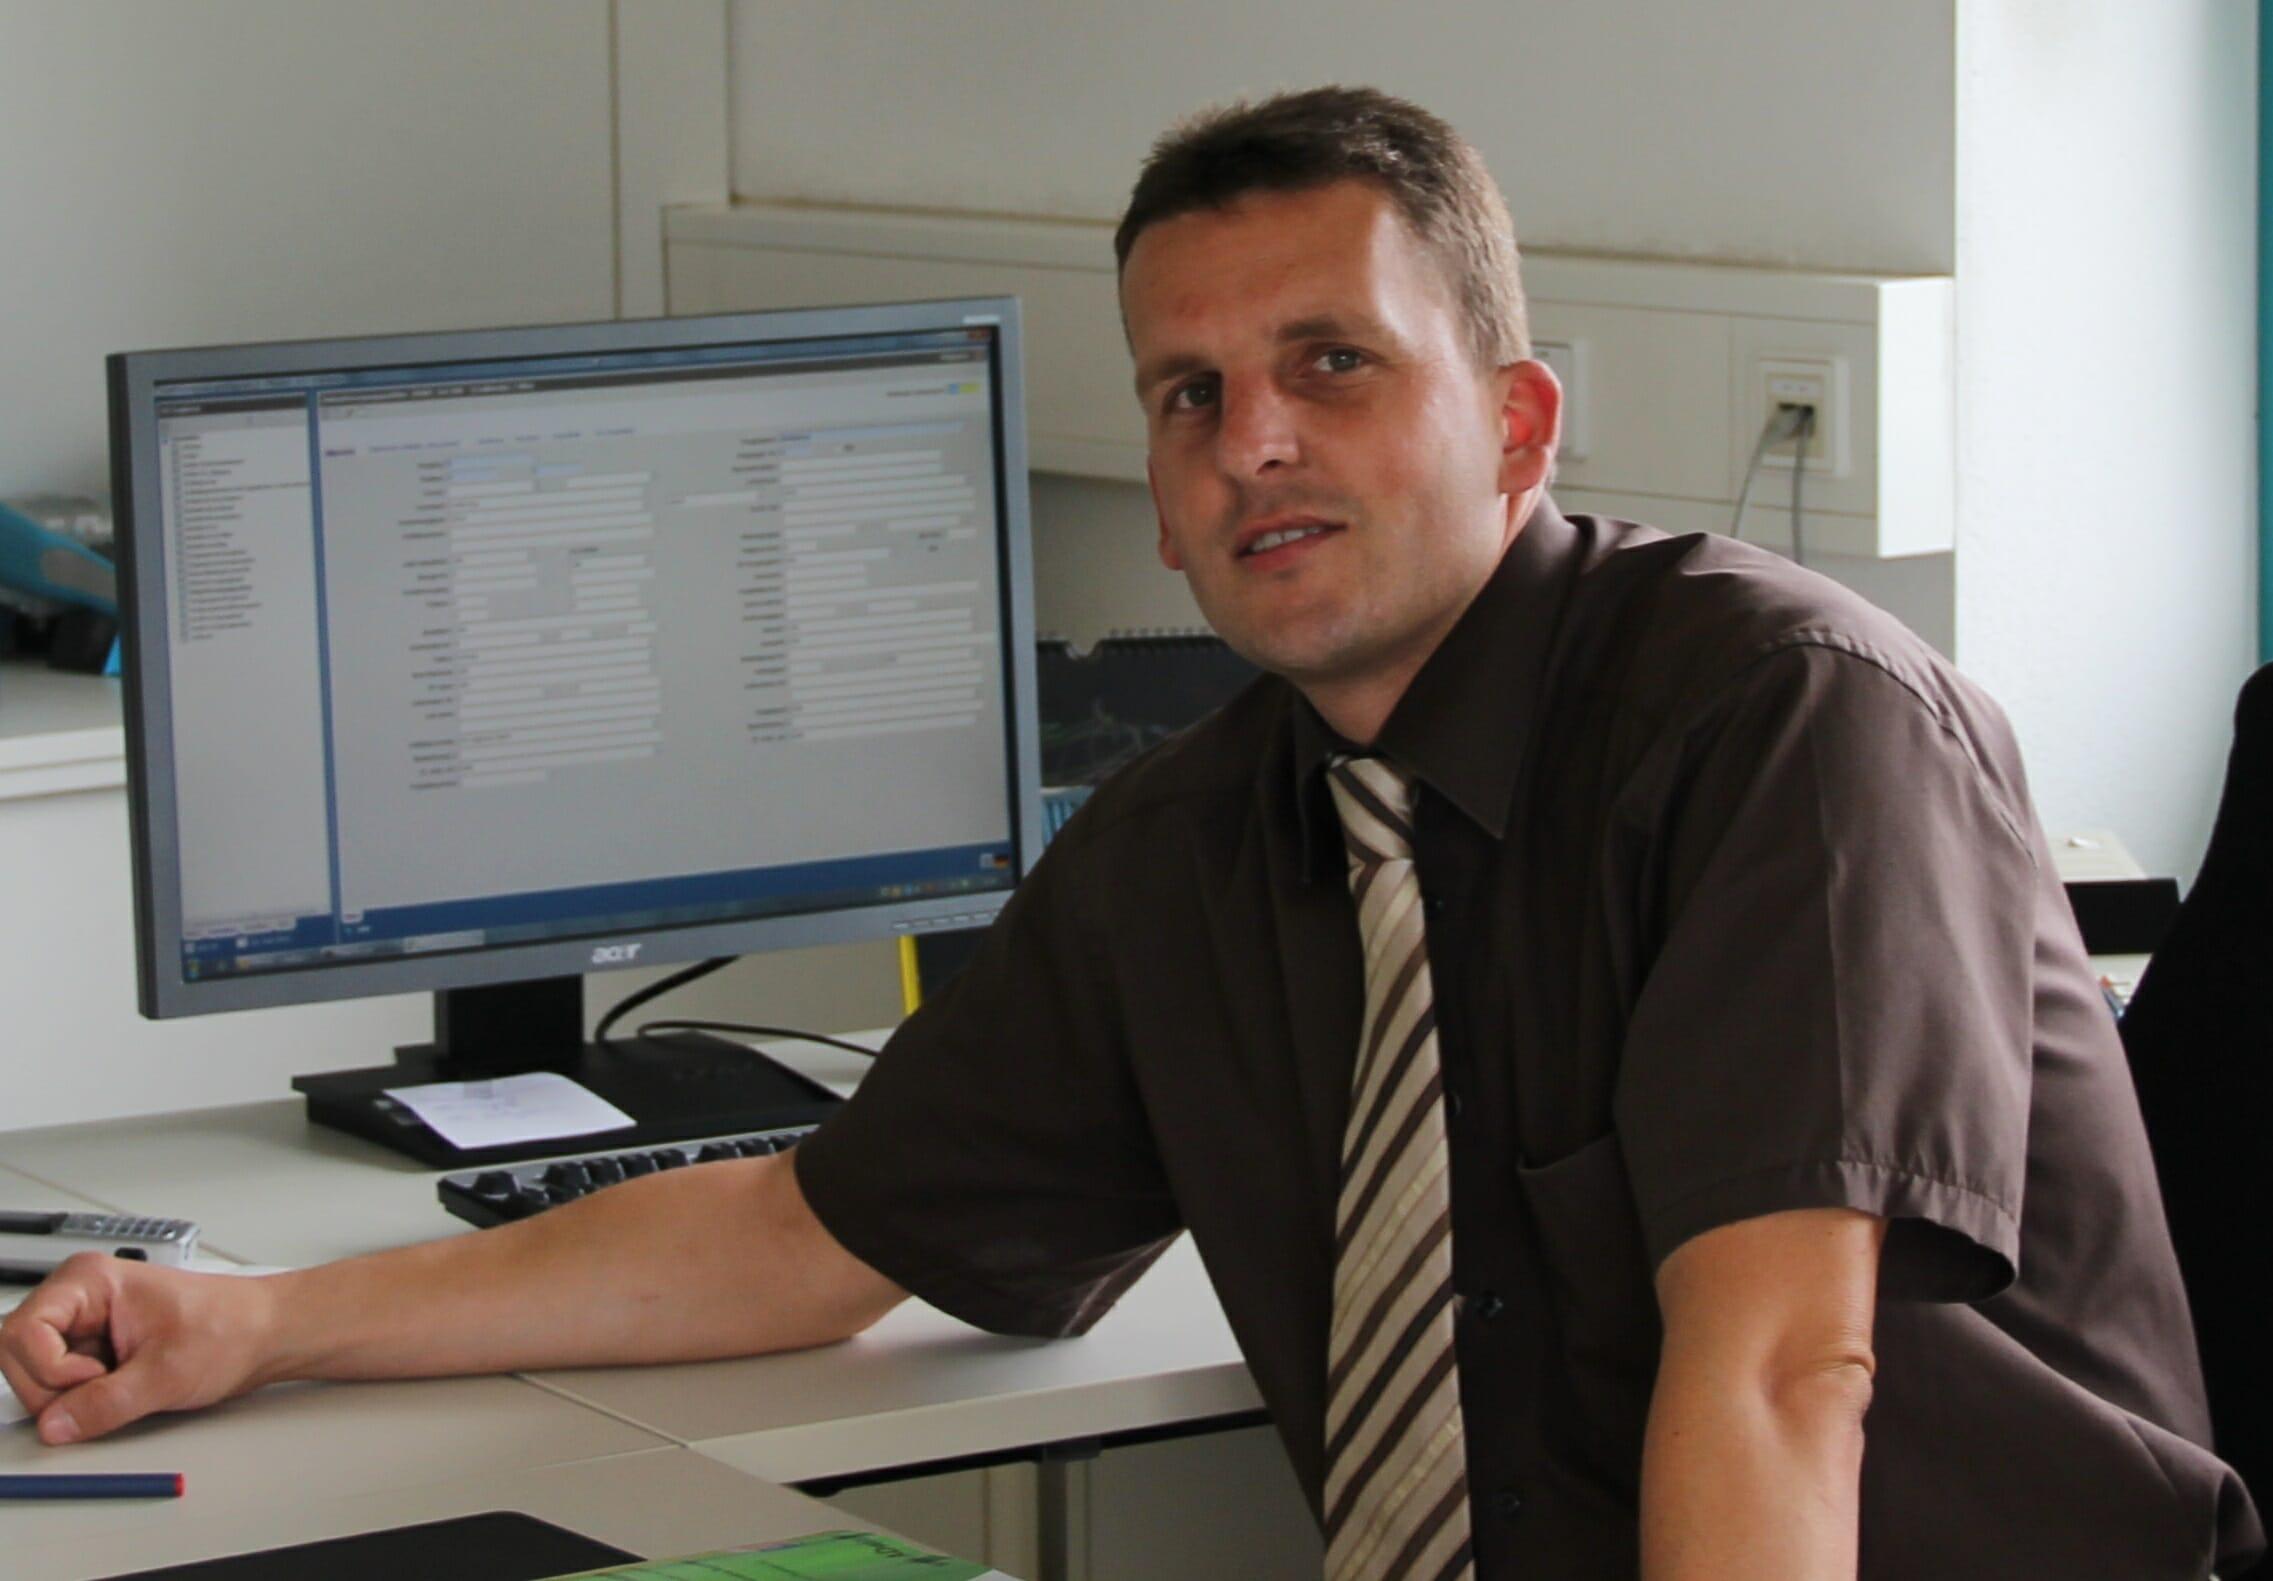 Thomas Ilg, Einkaufsleiter bei der Groninger & Co. GmbH.